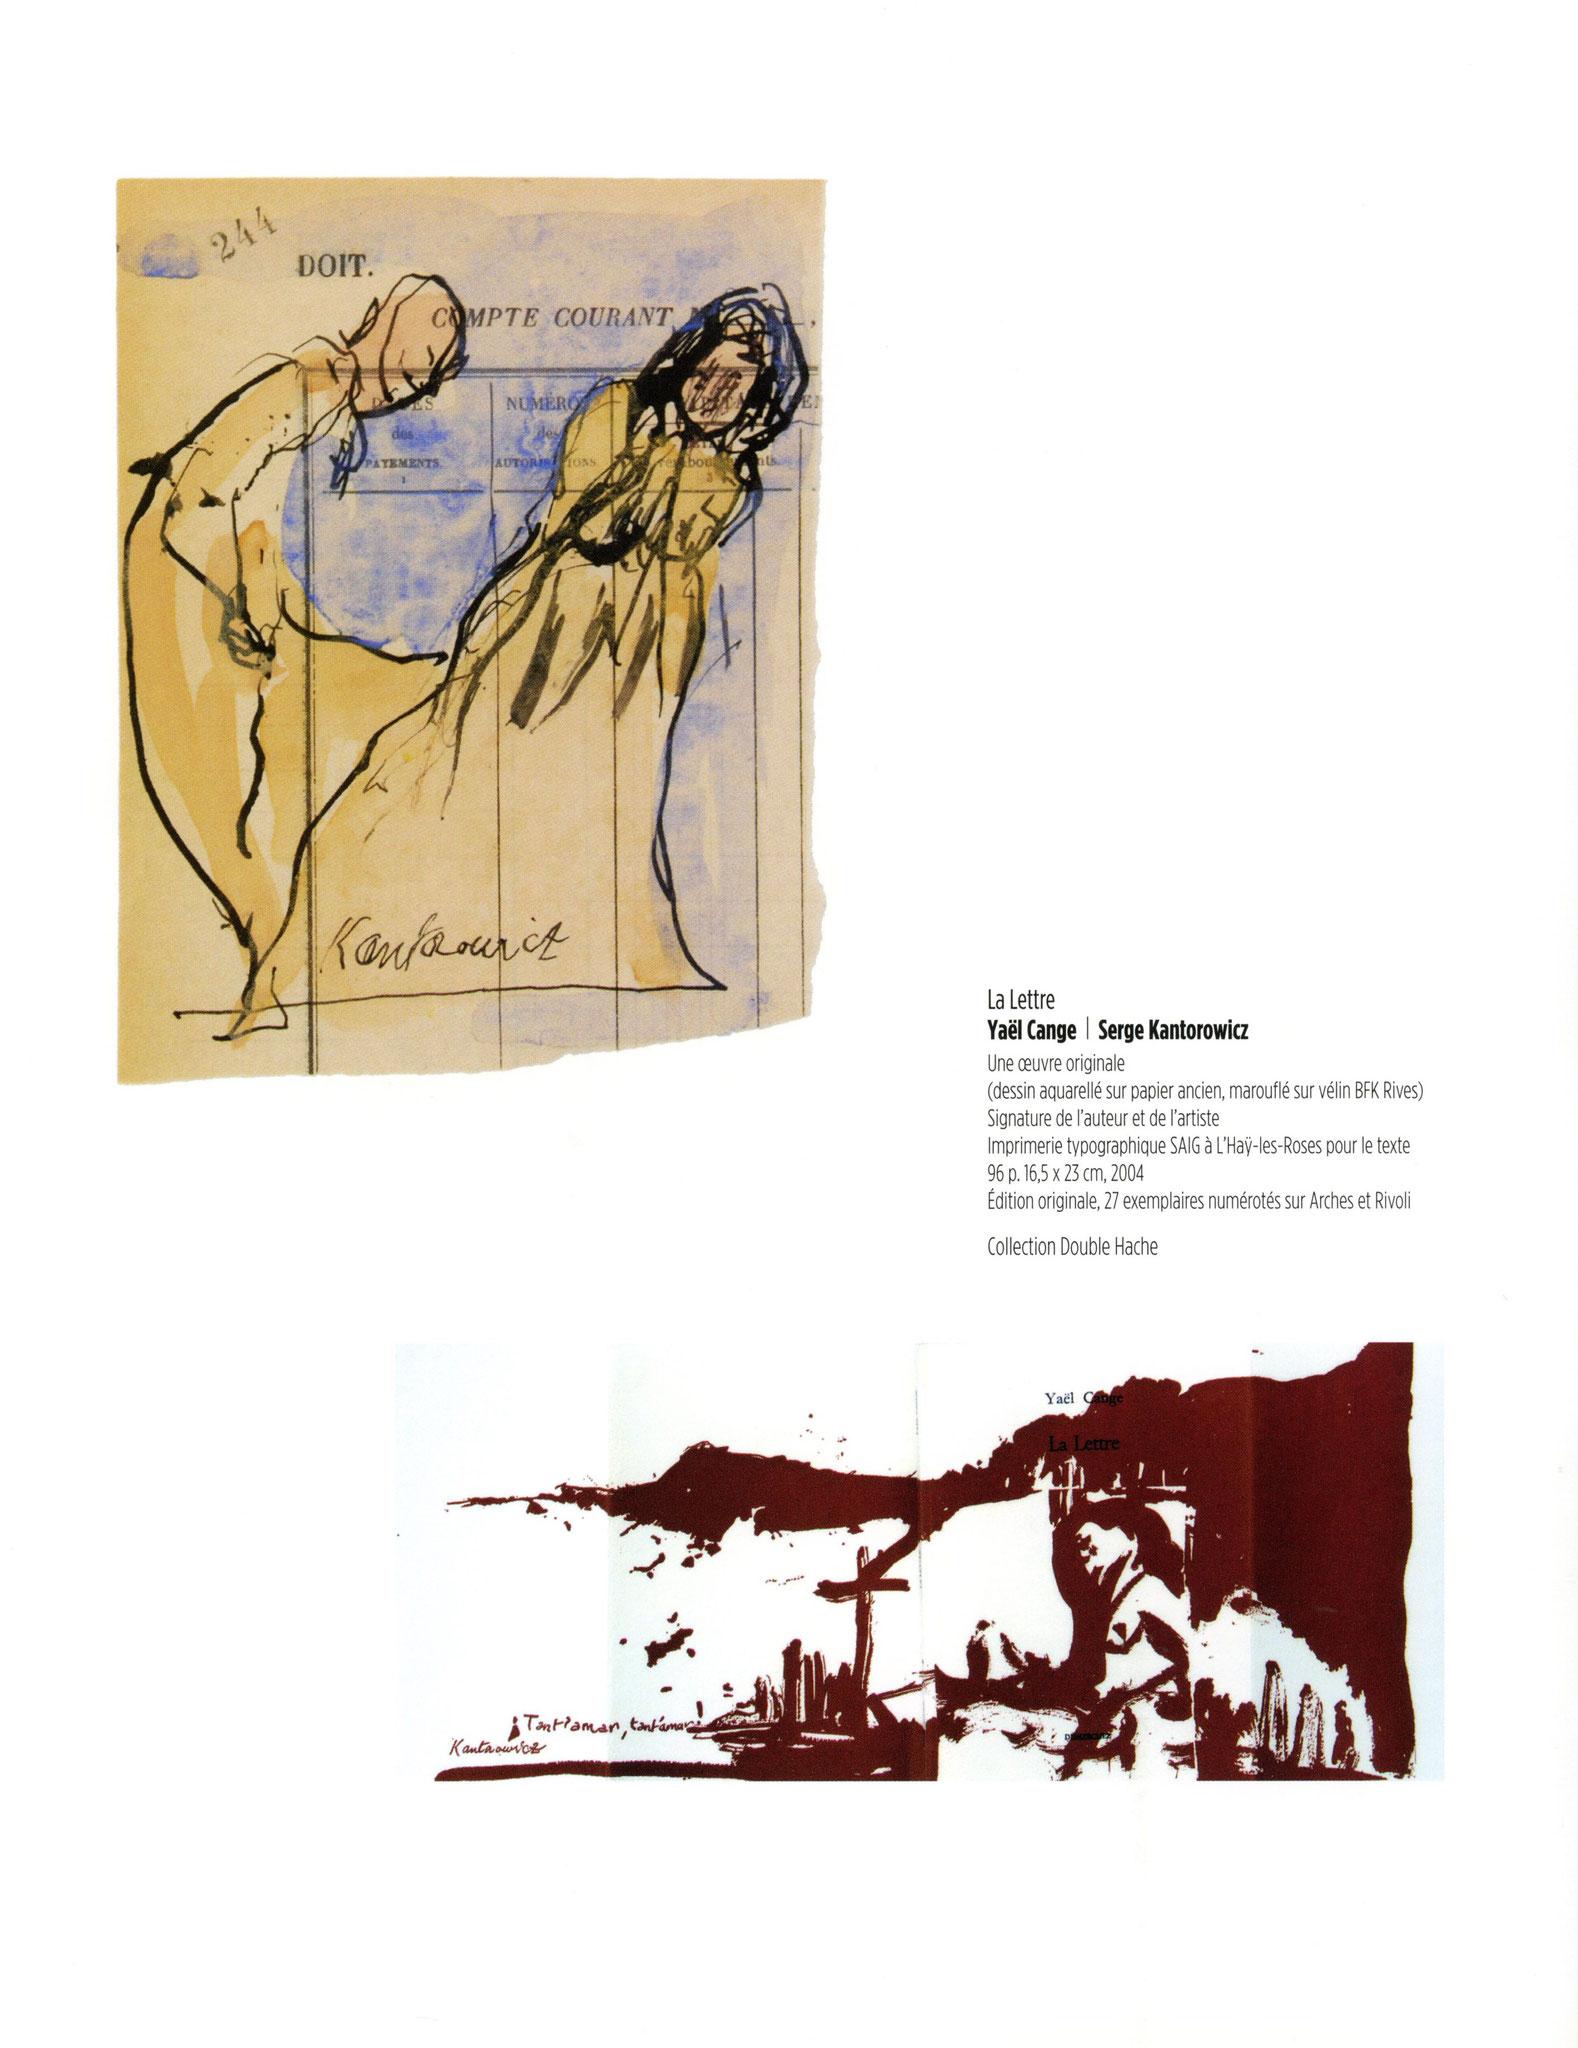 La Lettre - Yaël Cange / Serge Kantorowicz